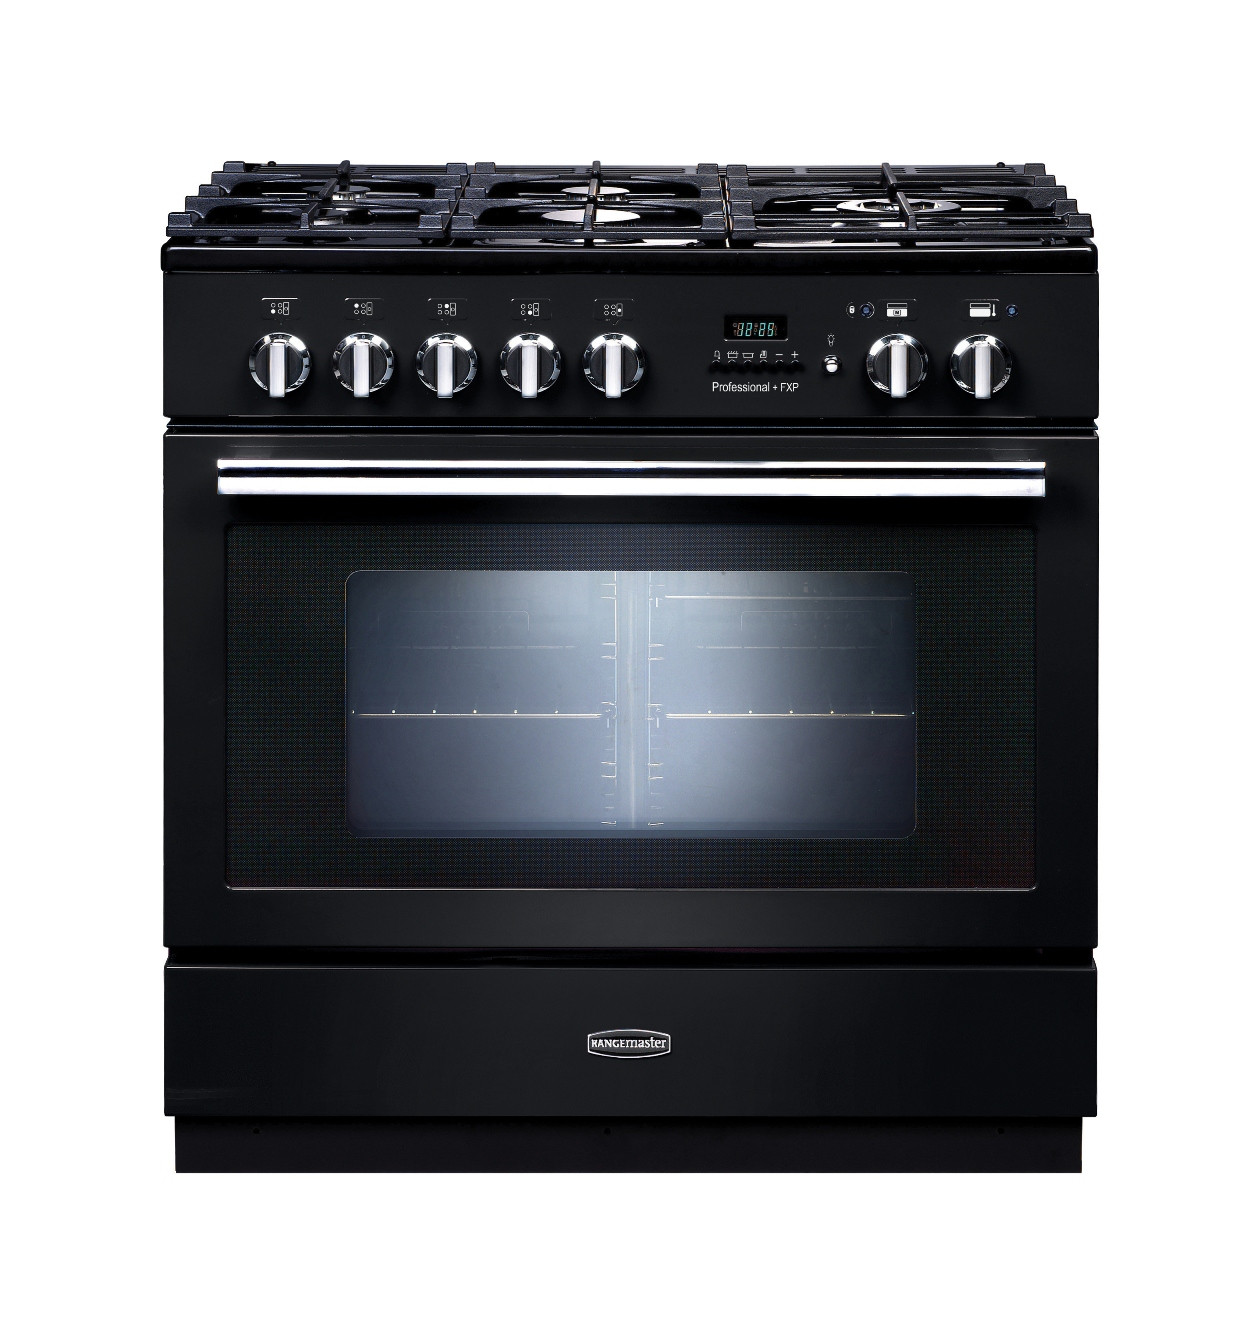 Rangemaster Professional Plus FXP Dual Fuel Black Range Cooker PROP90FXPDFFGB/C 92730